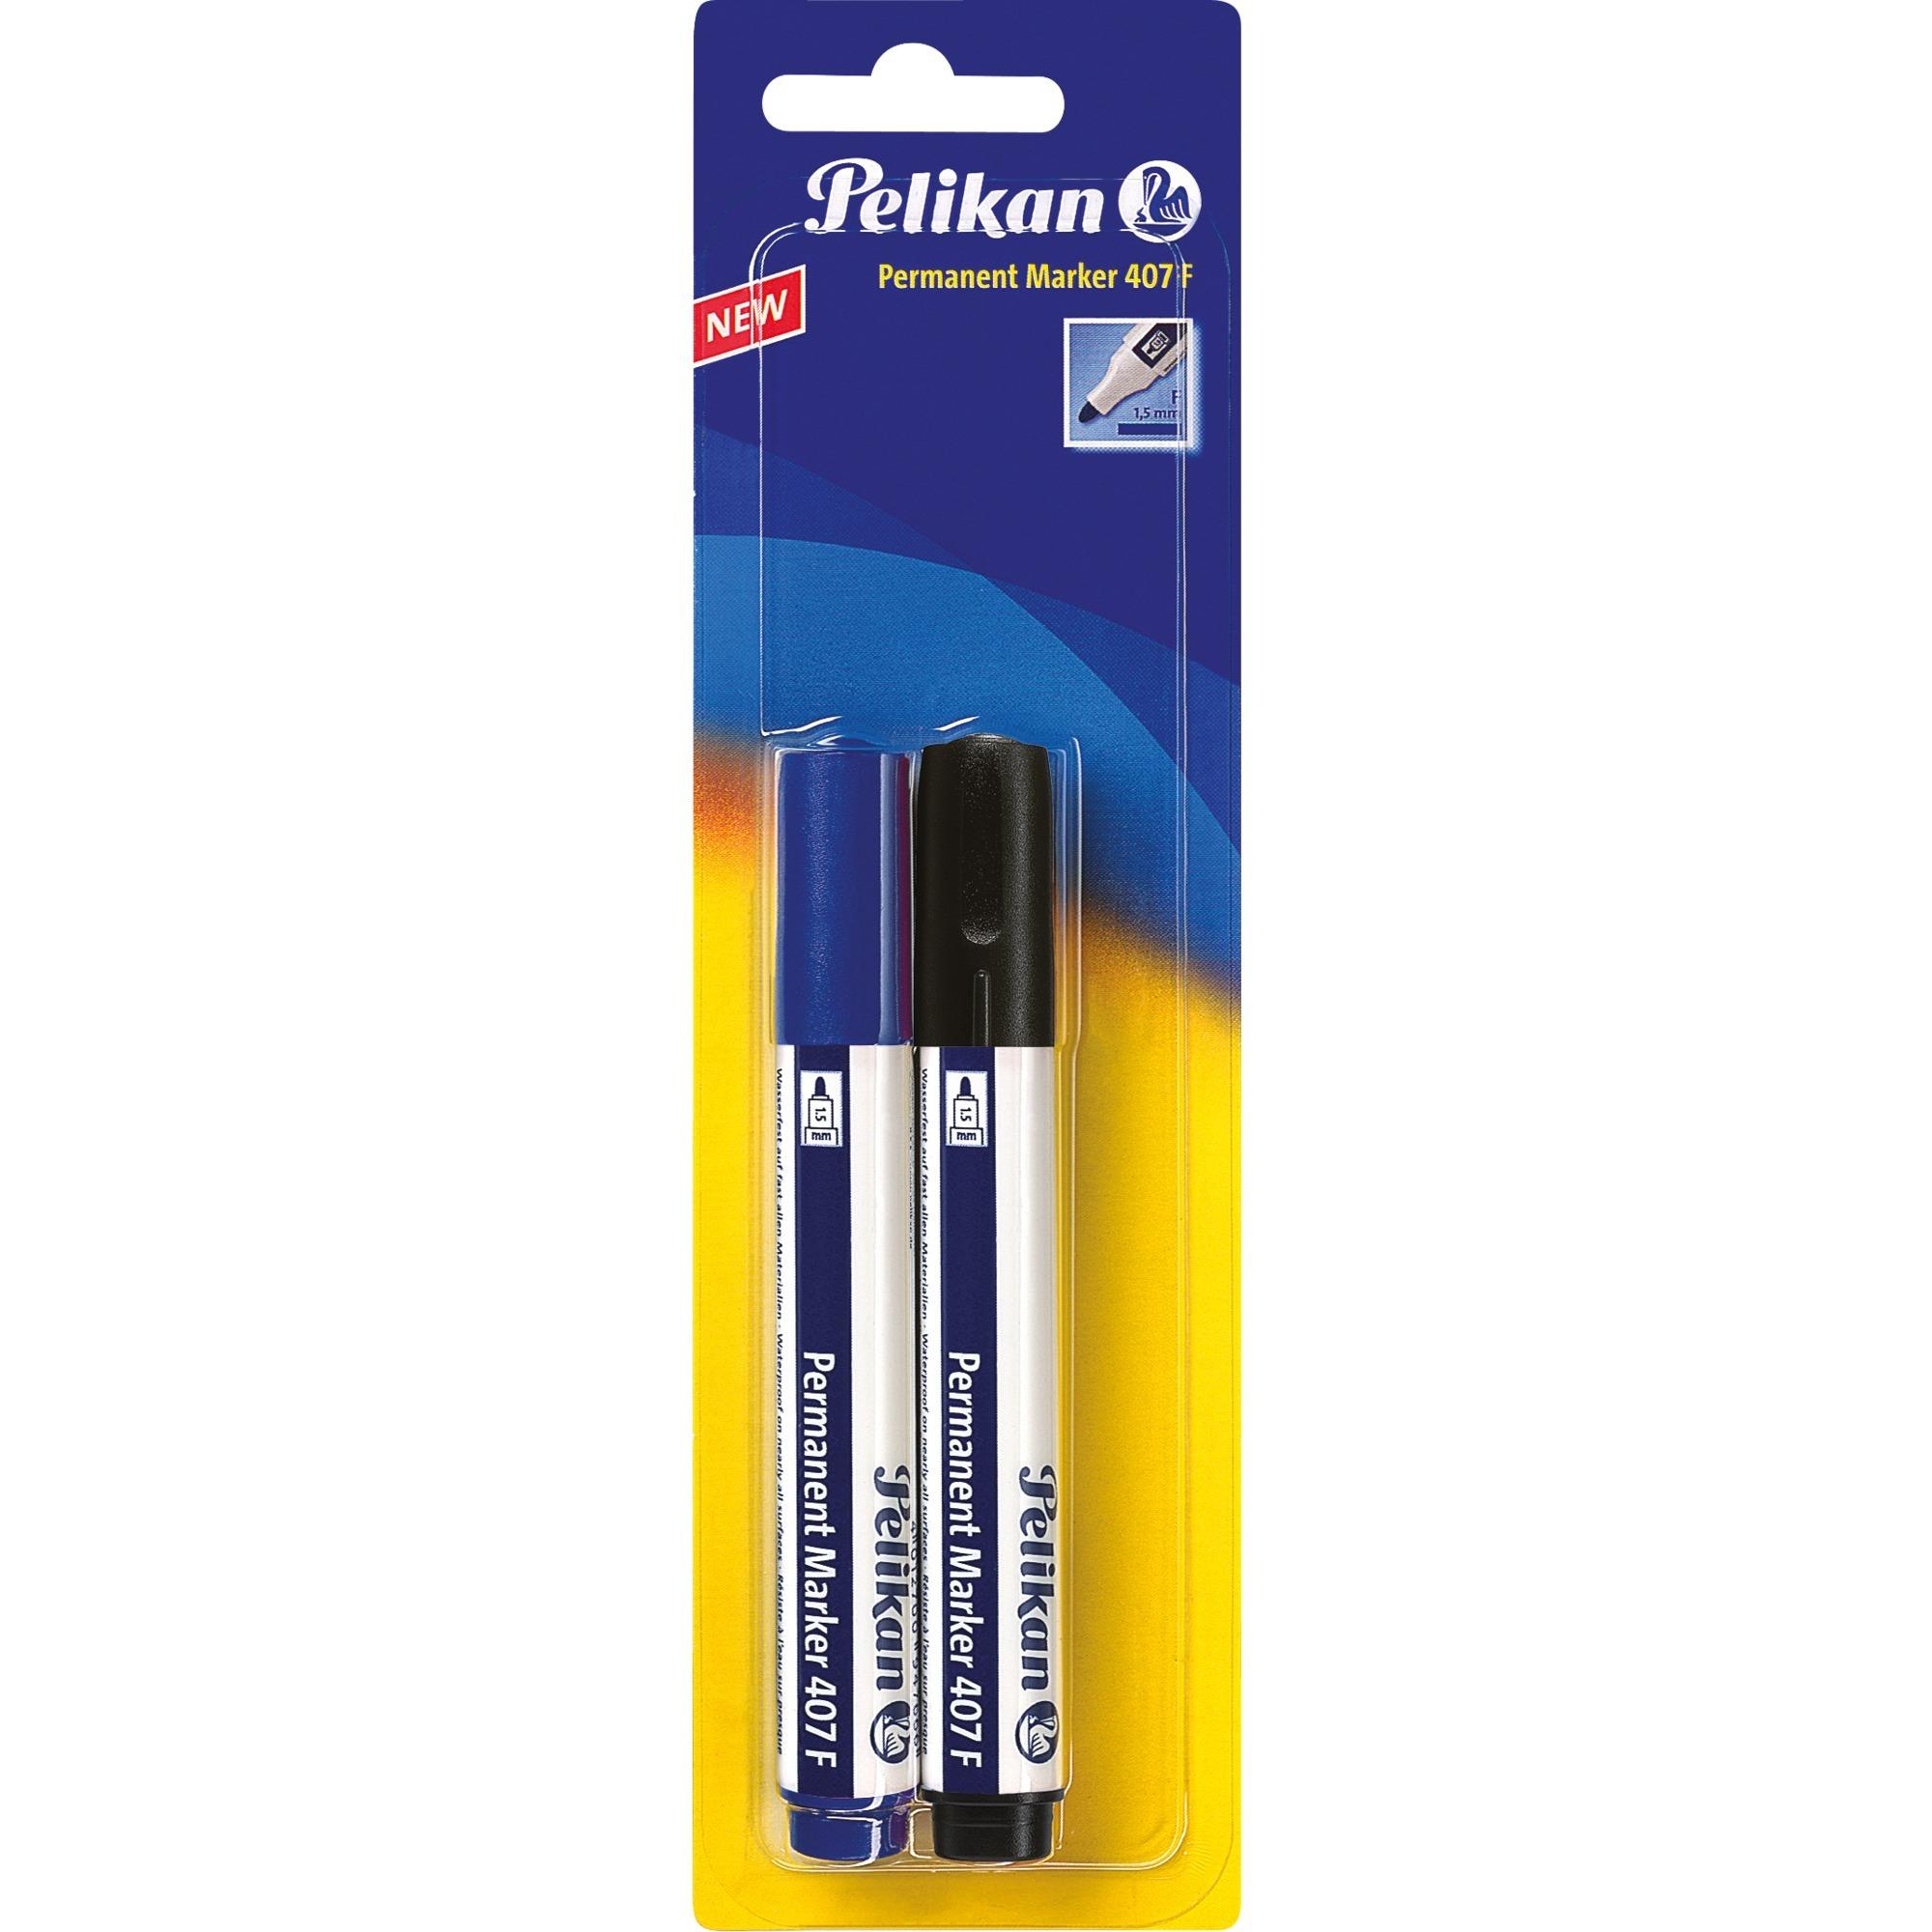 950170 marcador permanente Negro, Azul 2 pieza(s), Conjunto